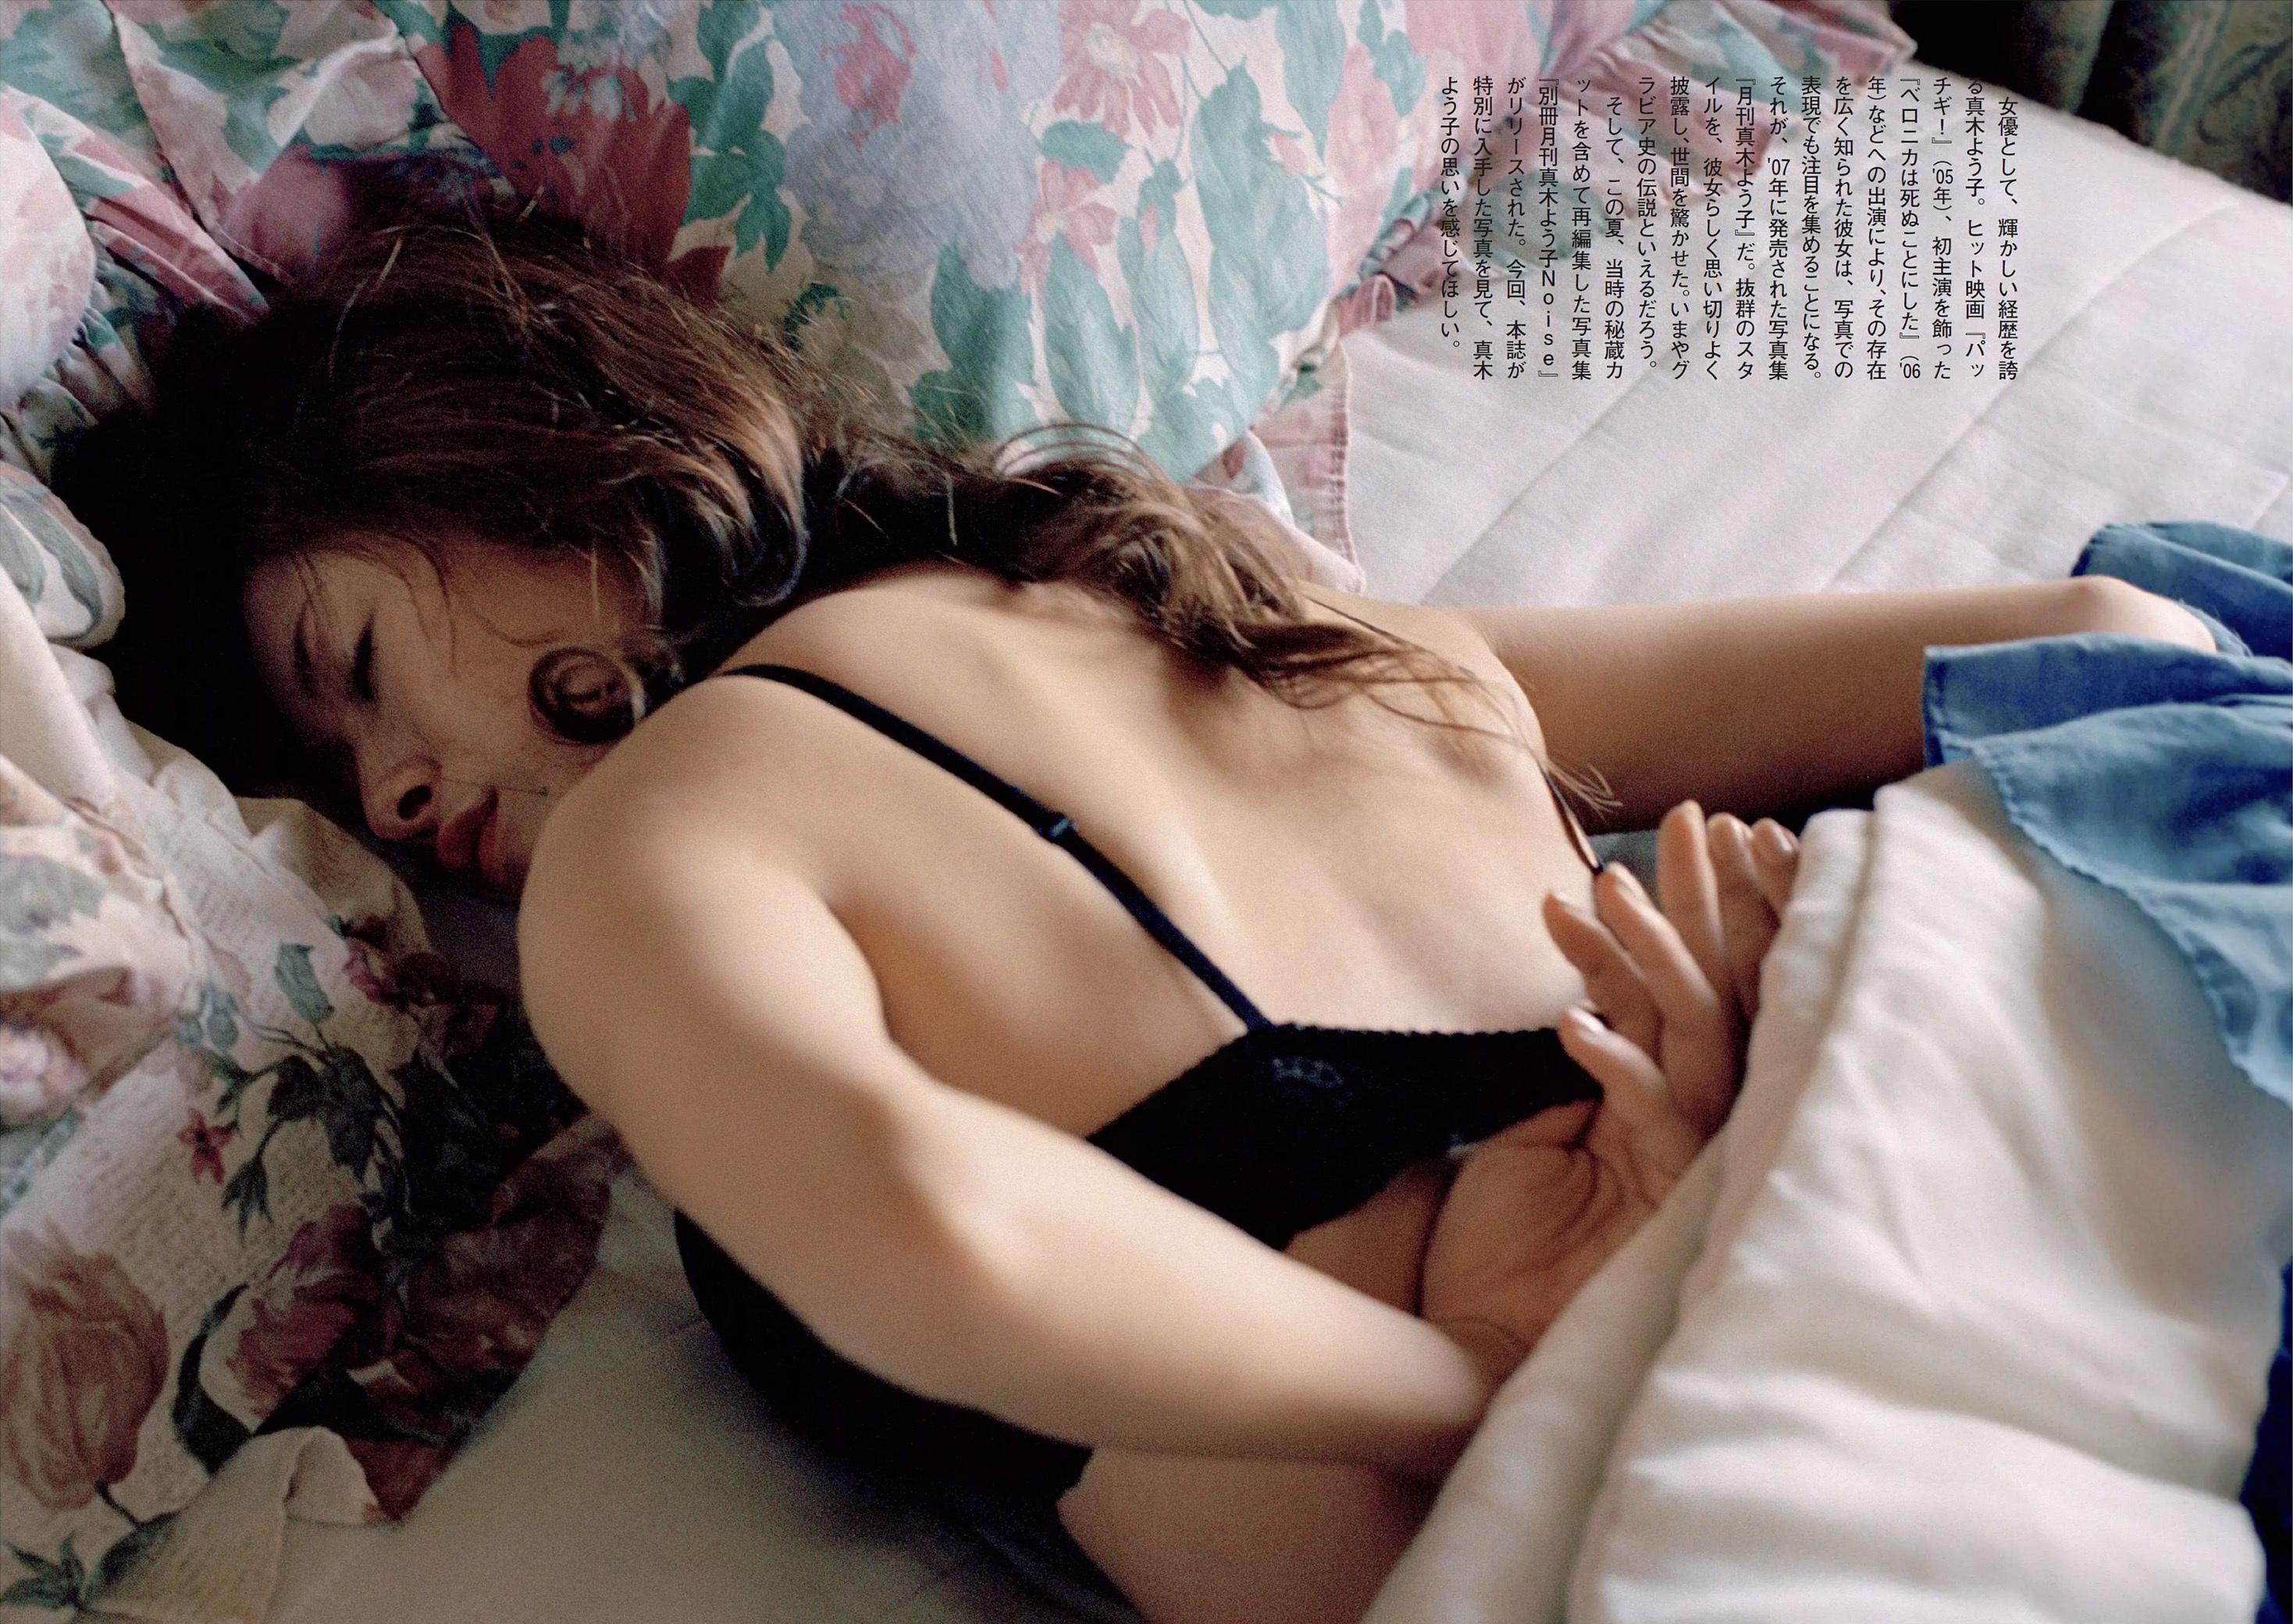 真木よう子 伝説、 ふたたび 5000円のプレミアム写真集のなかから トップ女優の珠玉のカットをスクープ入手  芸能アイドルモデル女優水着画像集